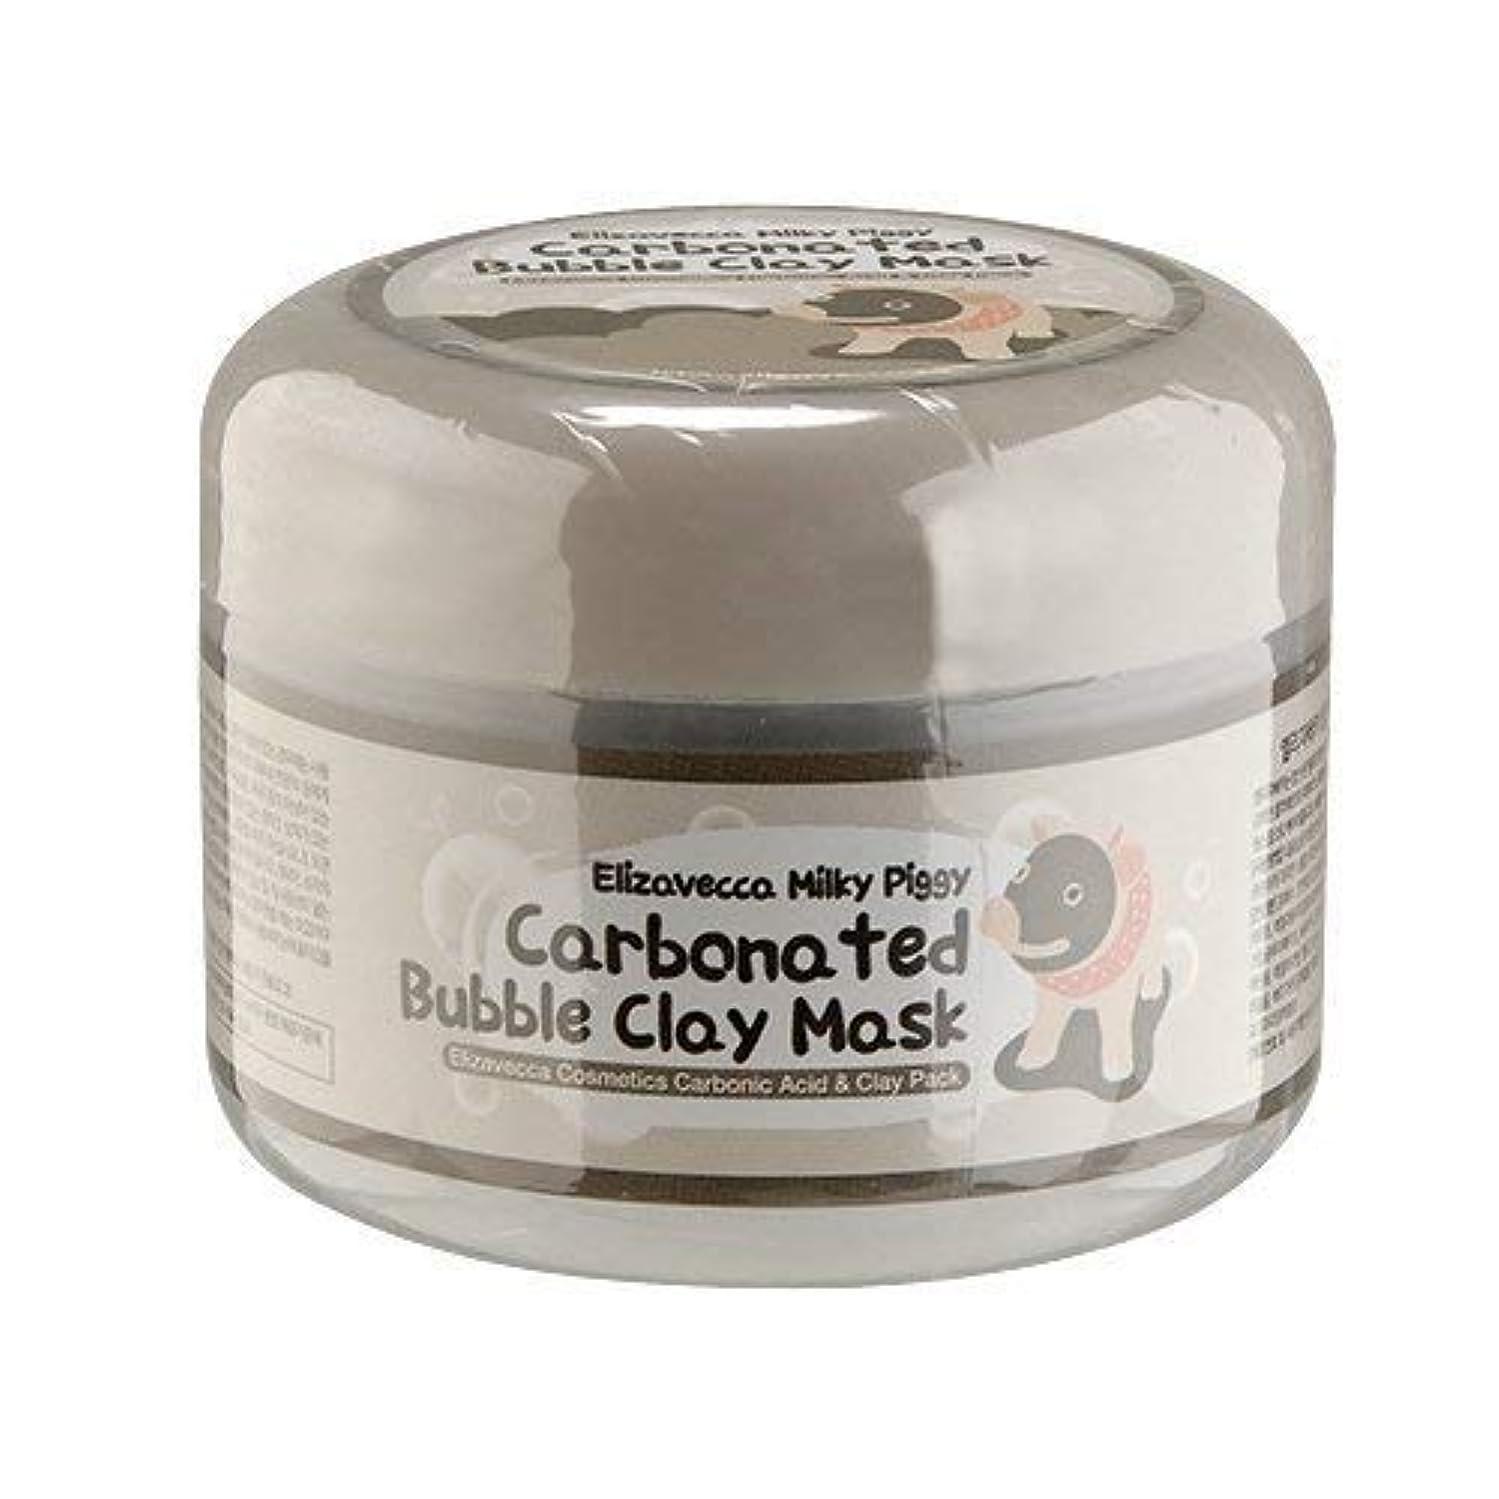 Elizavecca Milky Piggy Carbonated Bubble Clay Mask 100g by Elizavecca Korean Beauty